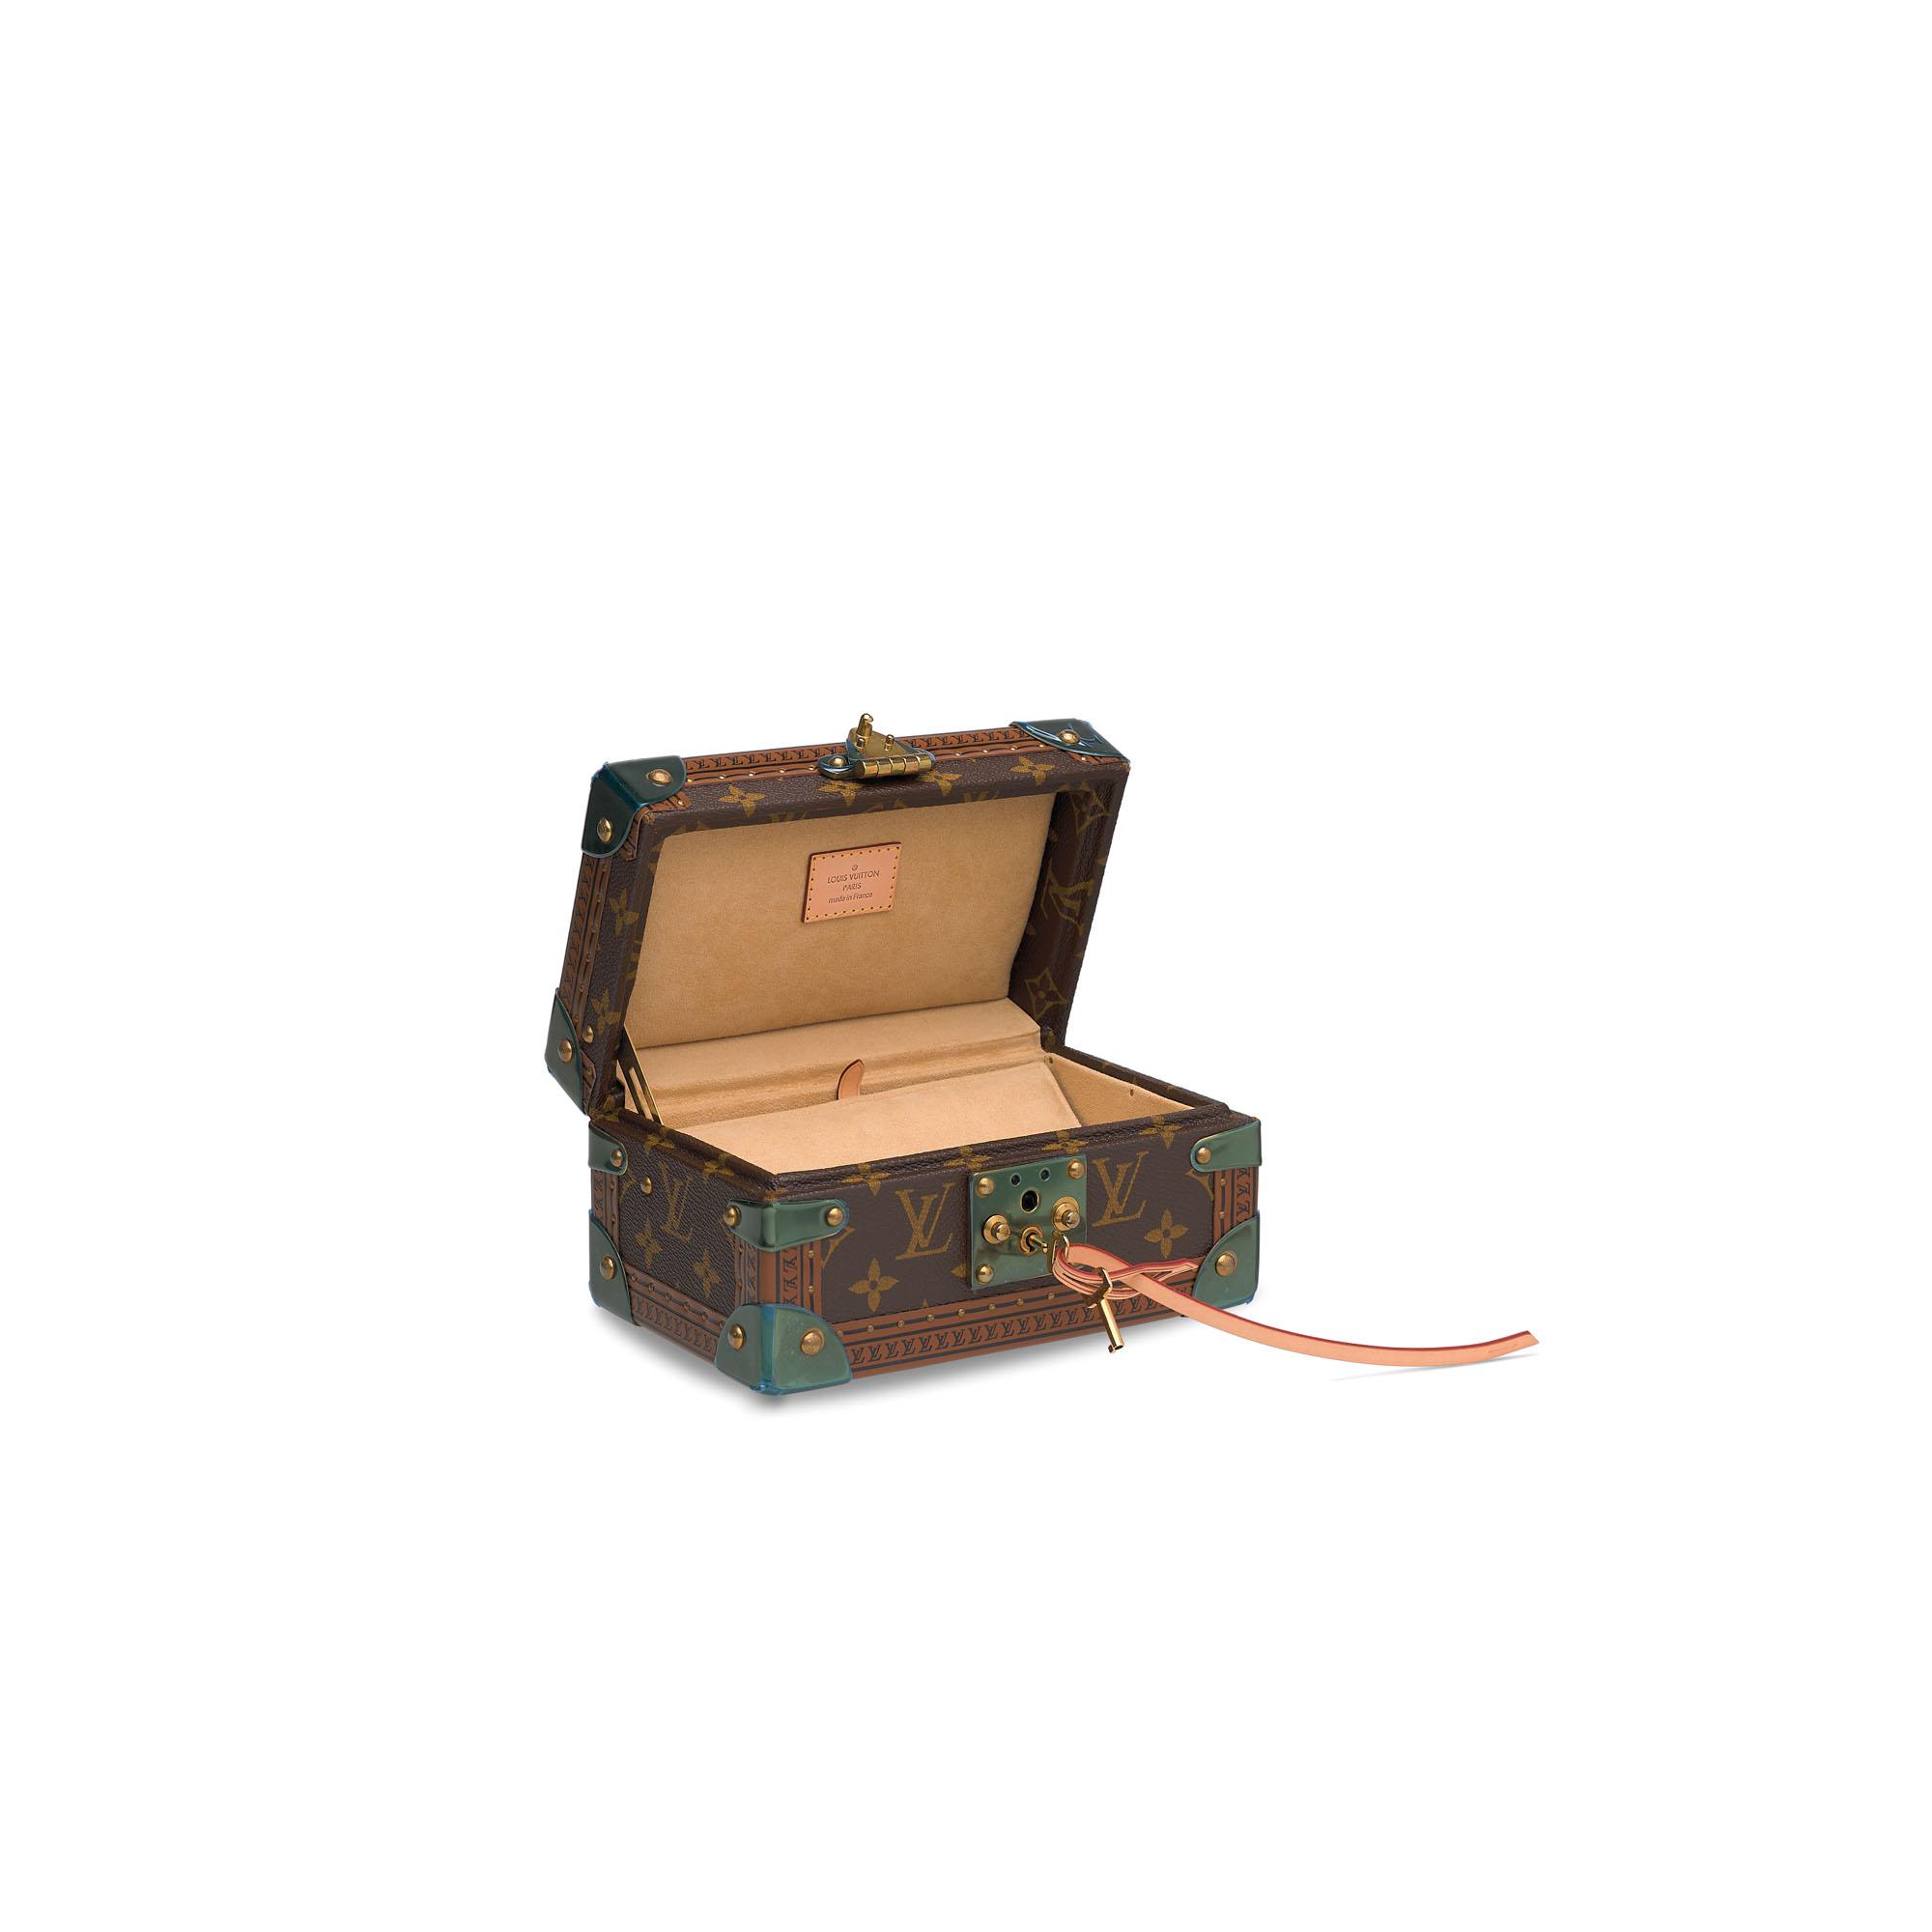 A PAINTED MONOGRAM CANVAS COFFRET TRÉSOR BOX 20 WITH BRASS HARDWARE